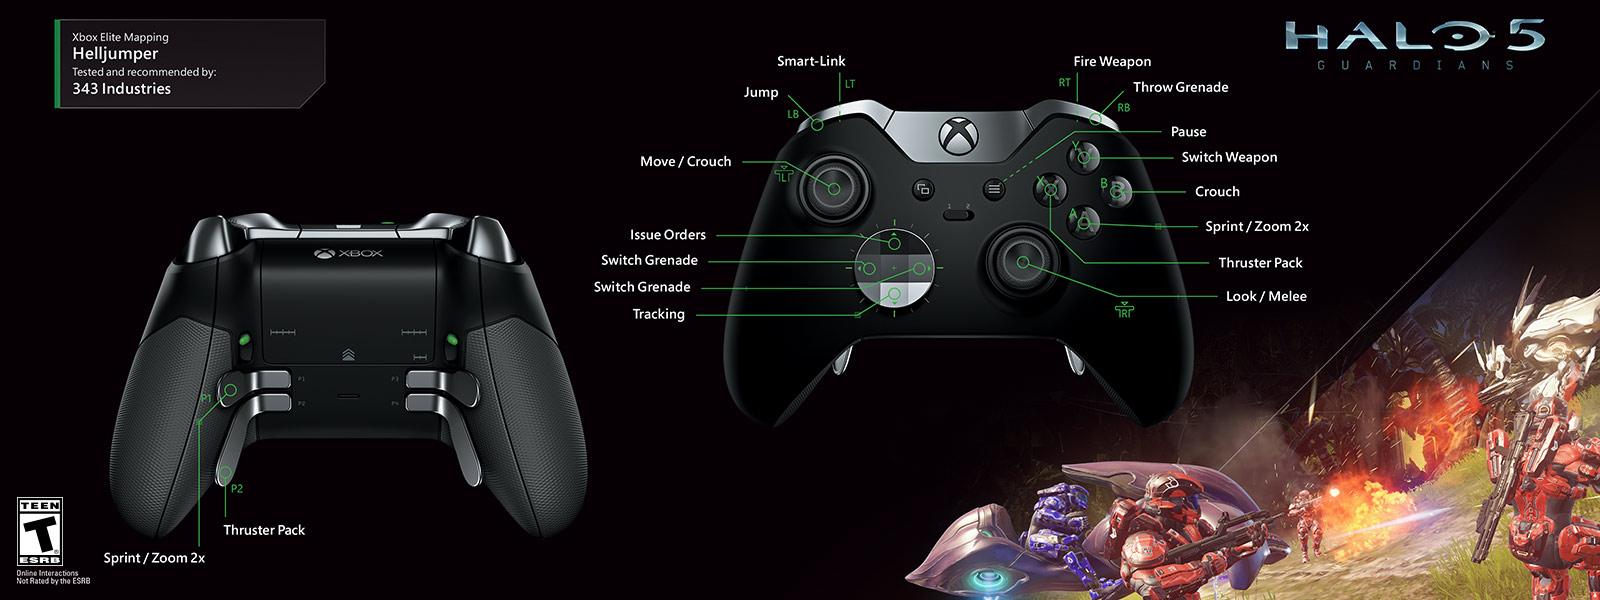 Halo 5 – Helljumper Elite Mapping